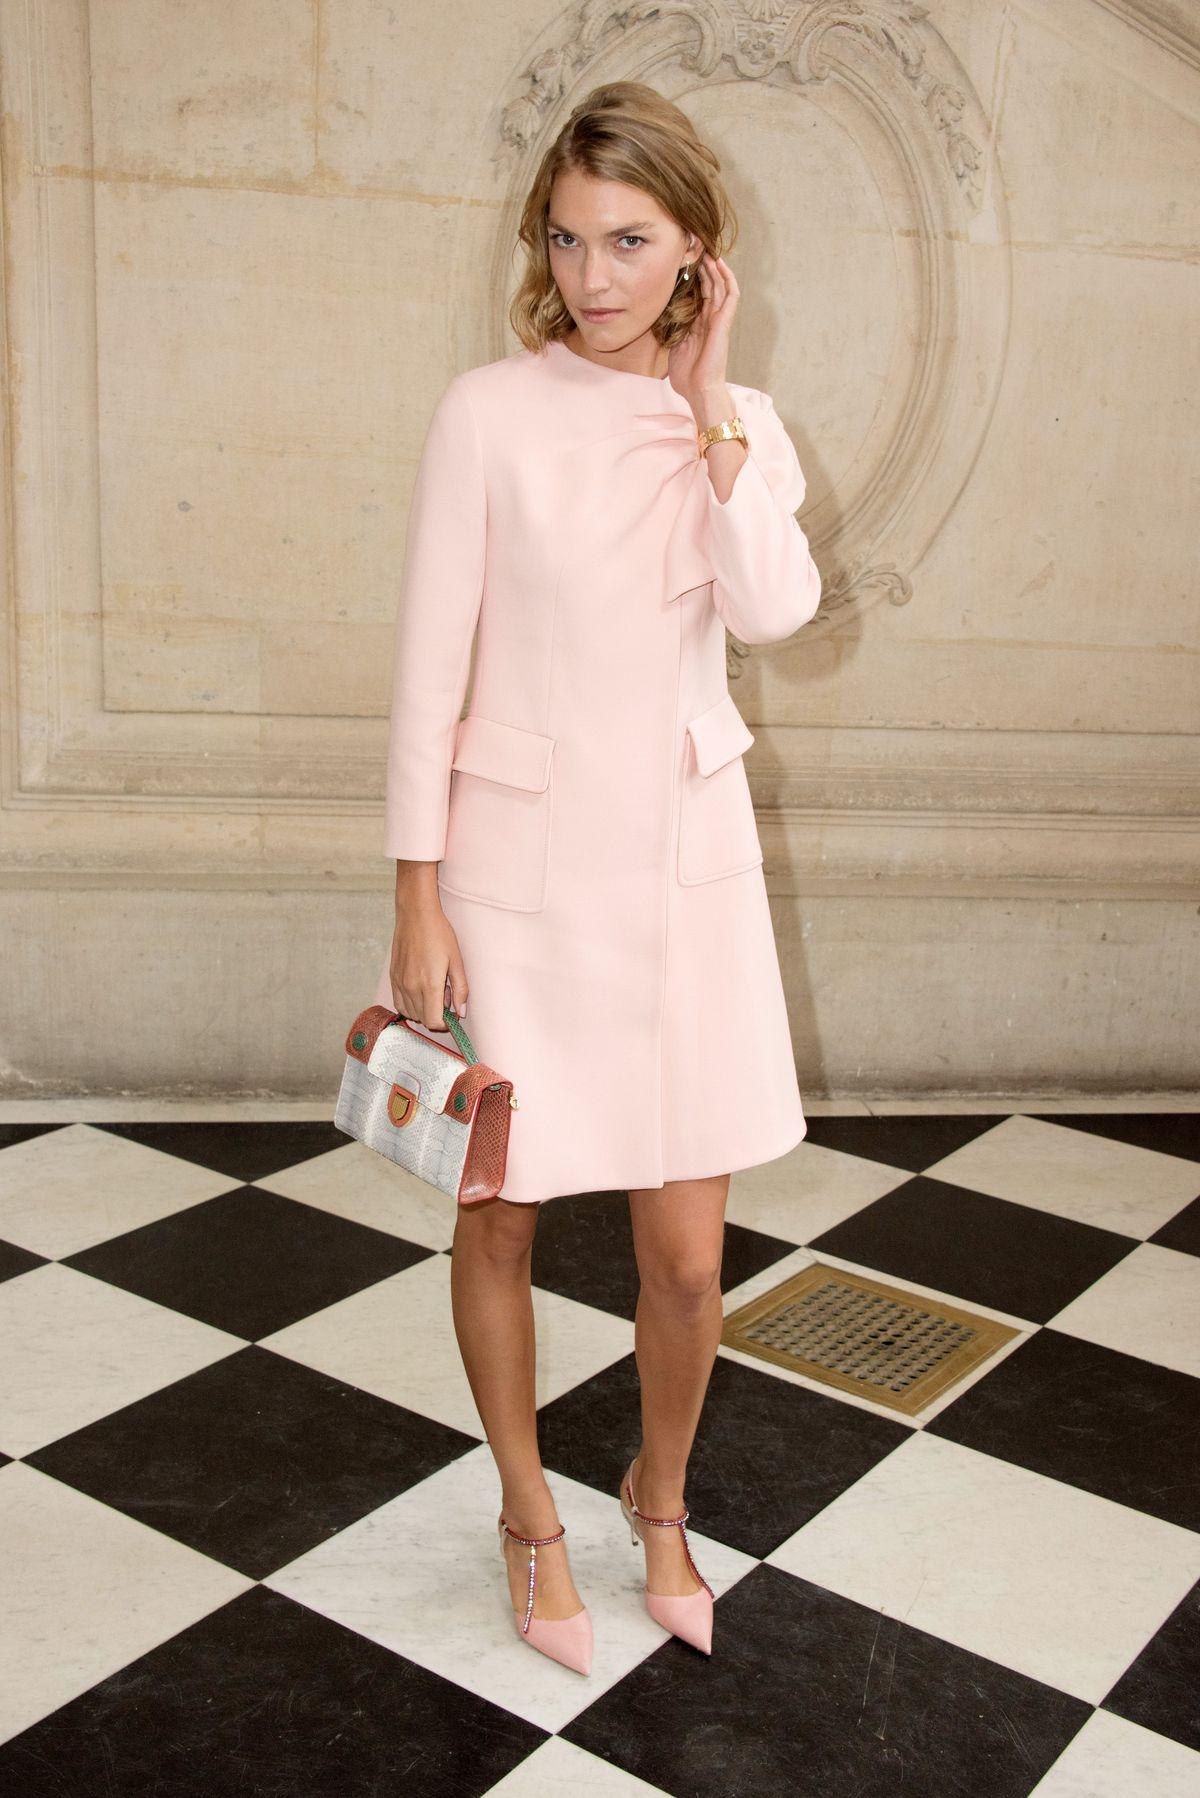 Perfektes Ensemble: Die kleine Handtasche passt wunderbar zu Kleid und Pumps von Arizona Muse, alles Dior